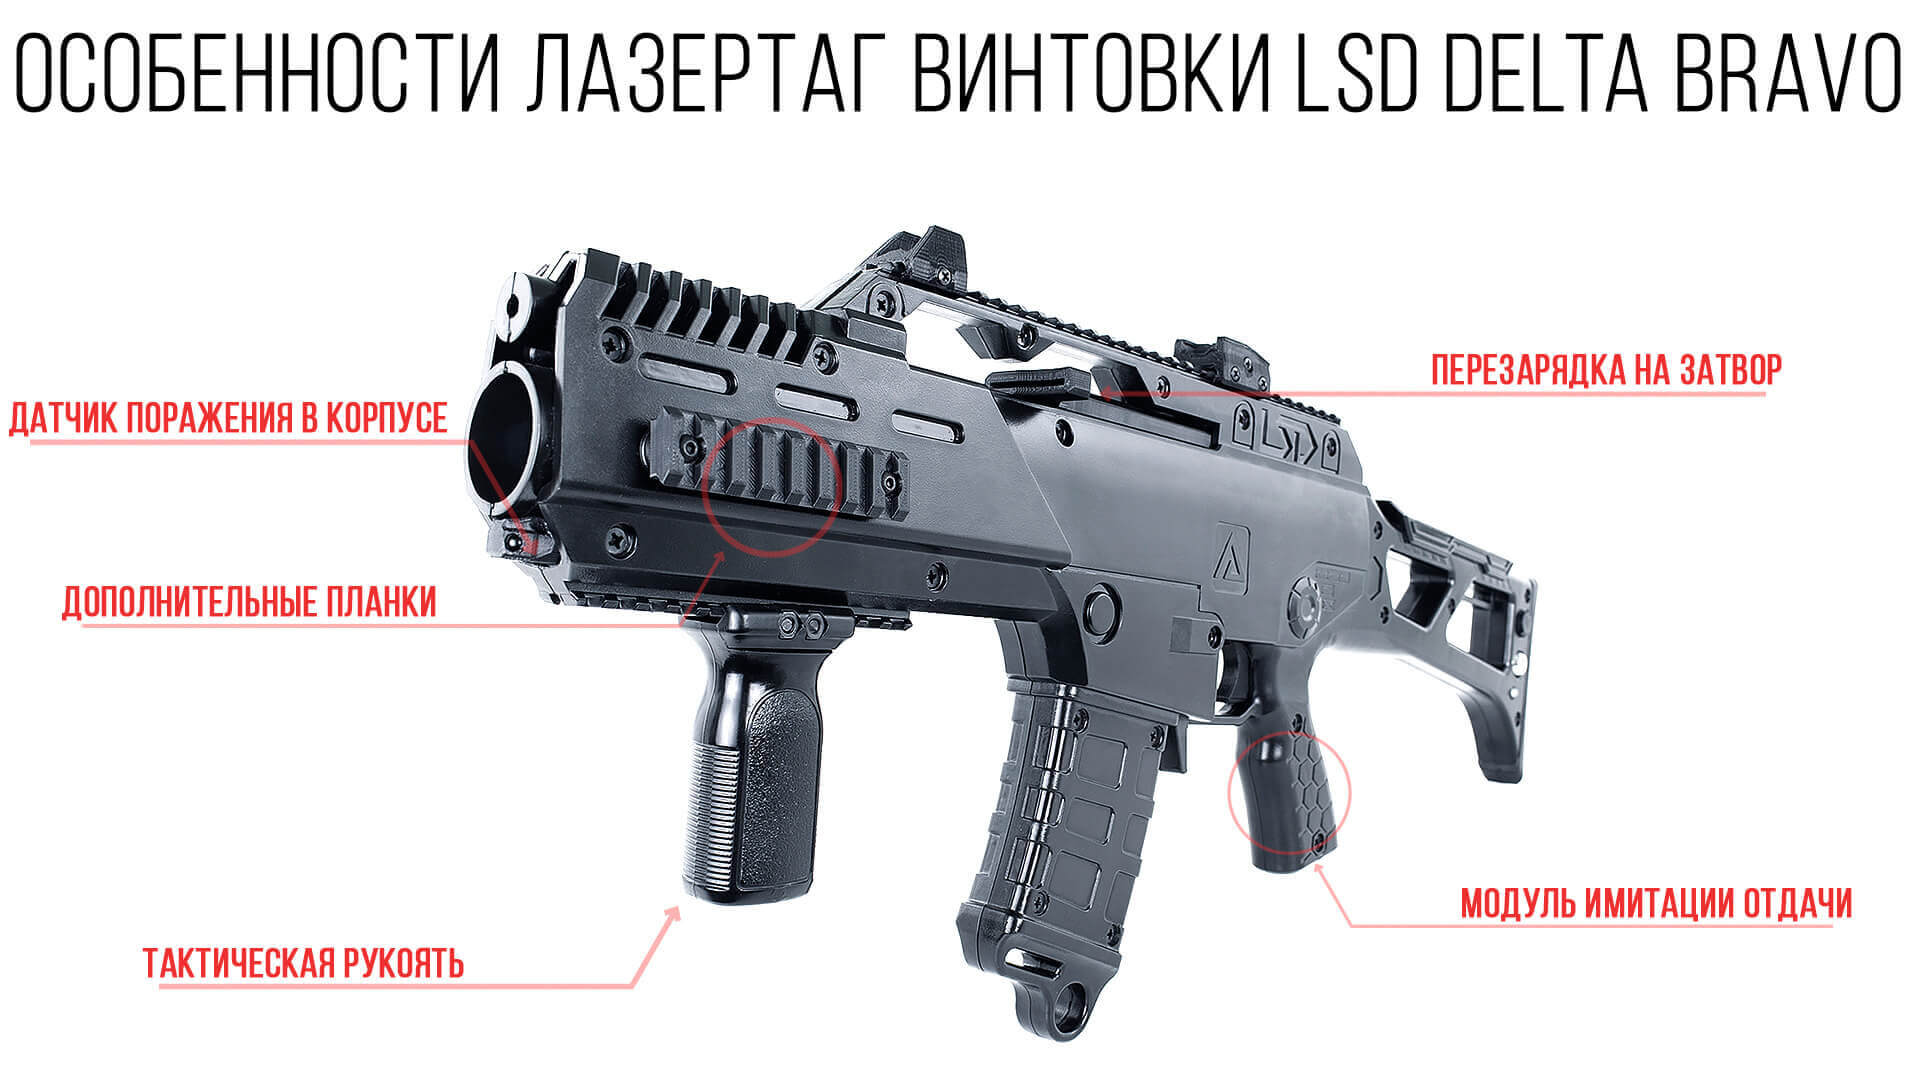 Osobennosti-Delta-Bravo-1920x1080